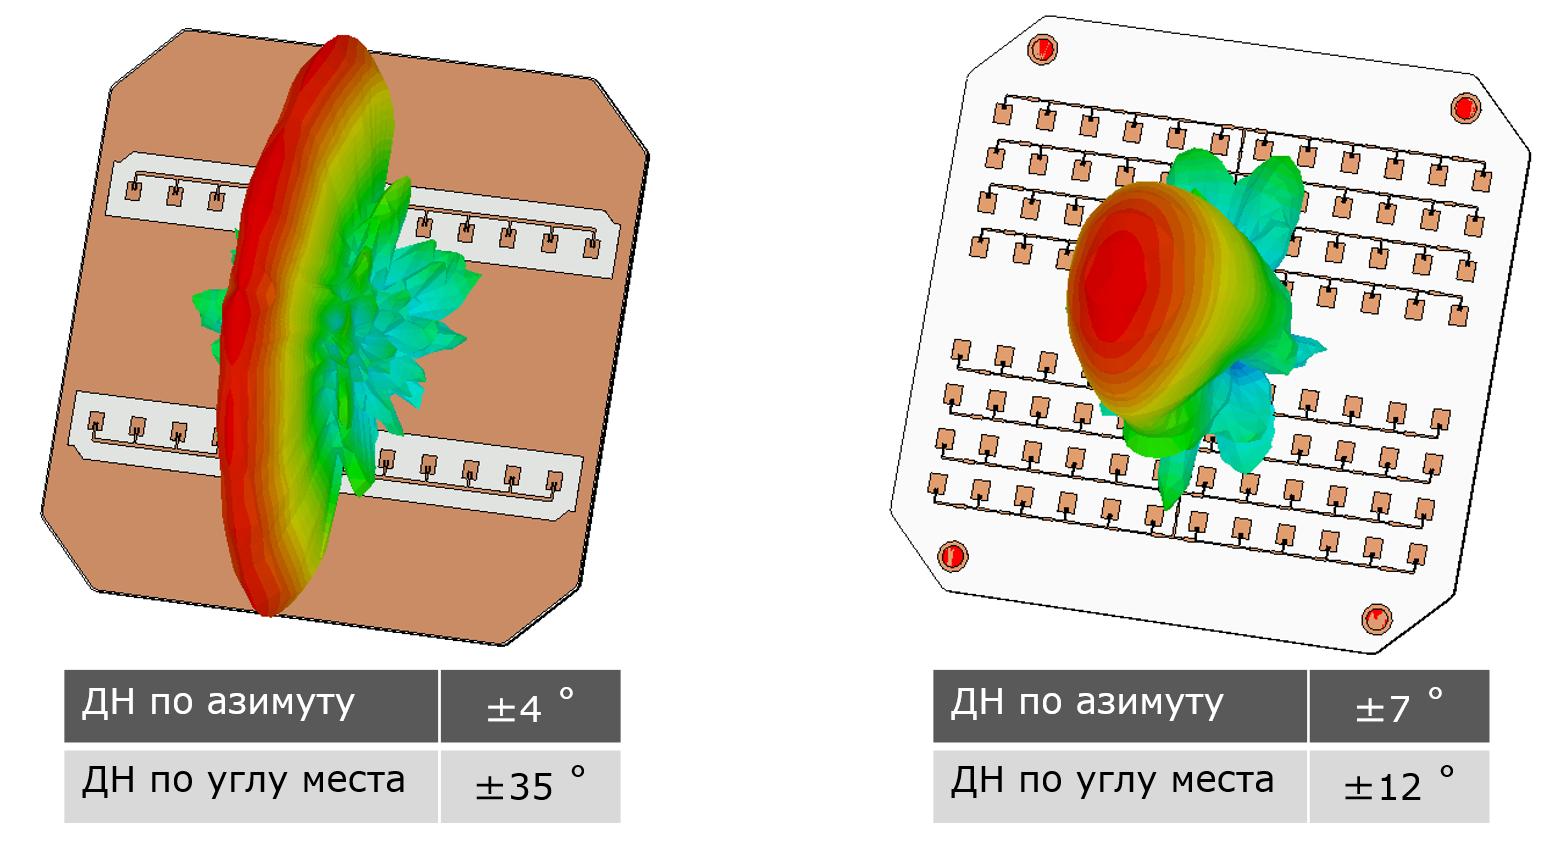 Рисунок 11. Пример характеристик двух СВЧ модулей в одном габарите.